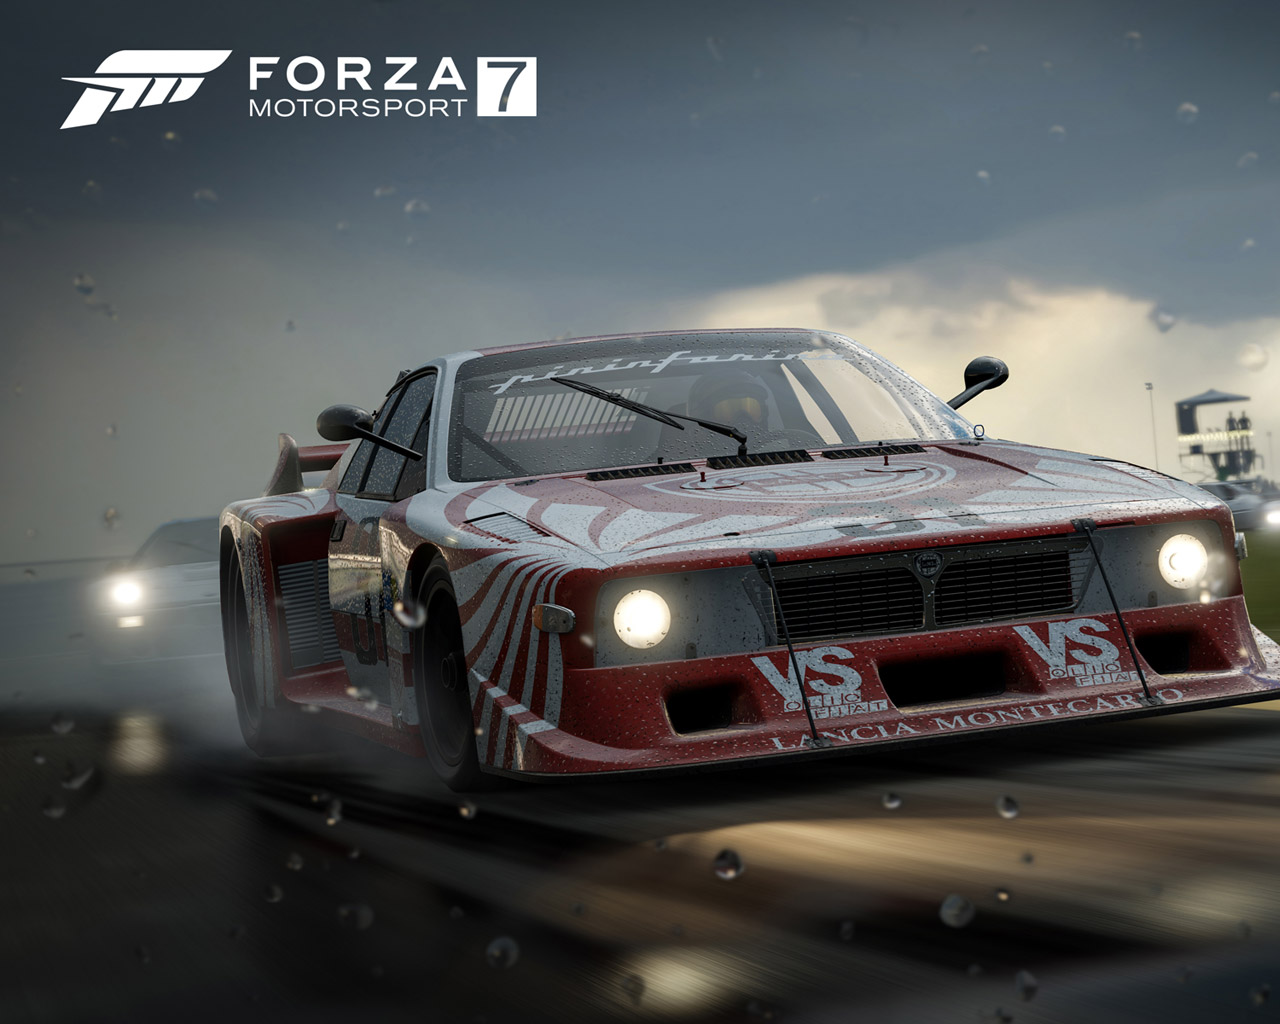 Forza Motorsport 7 Wallpaper in 1280x1024